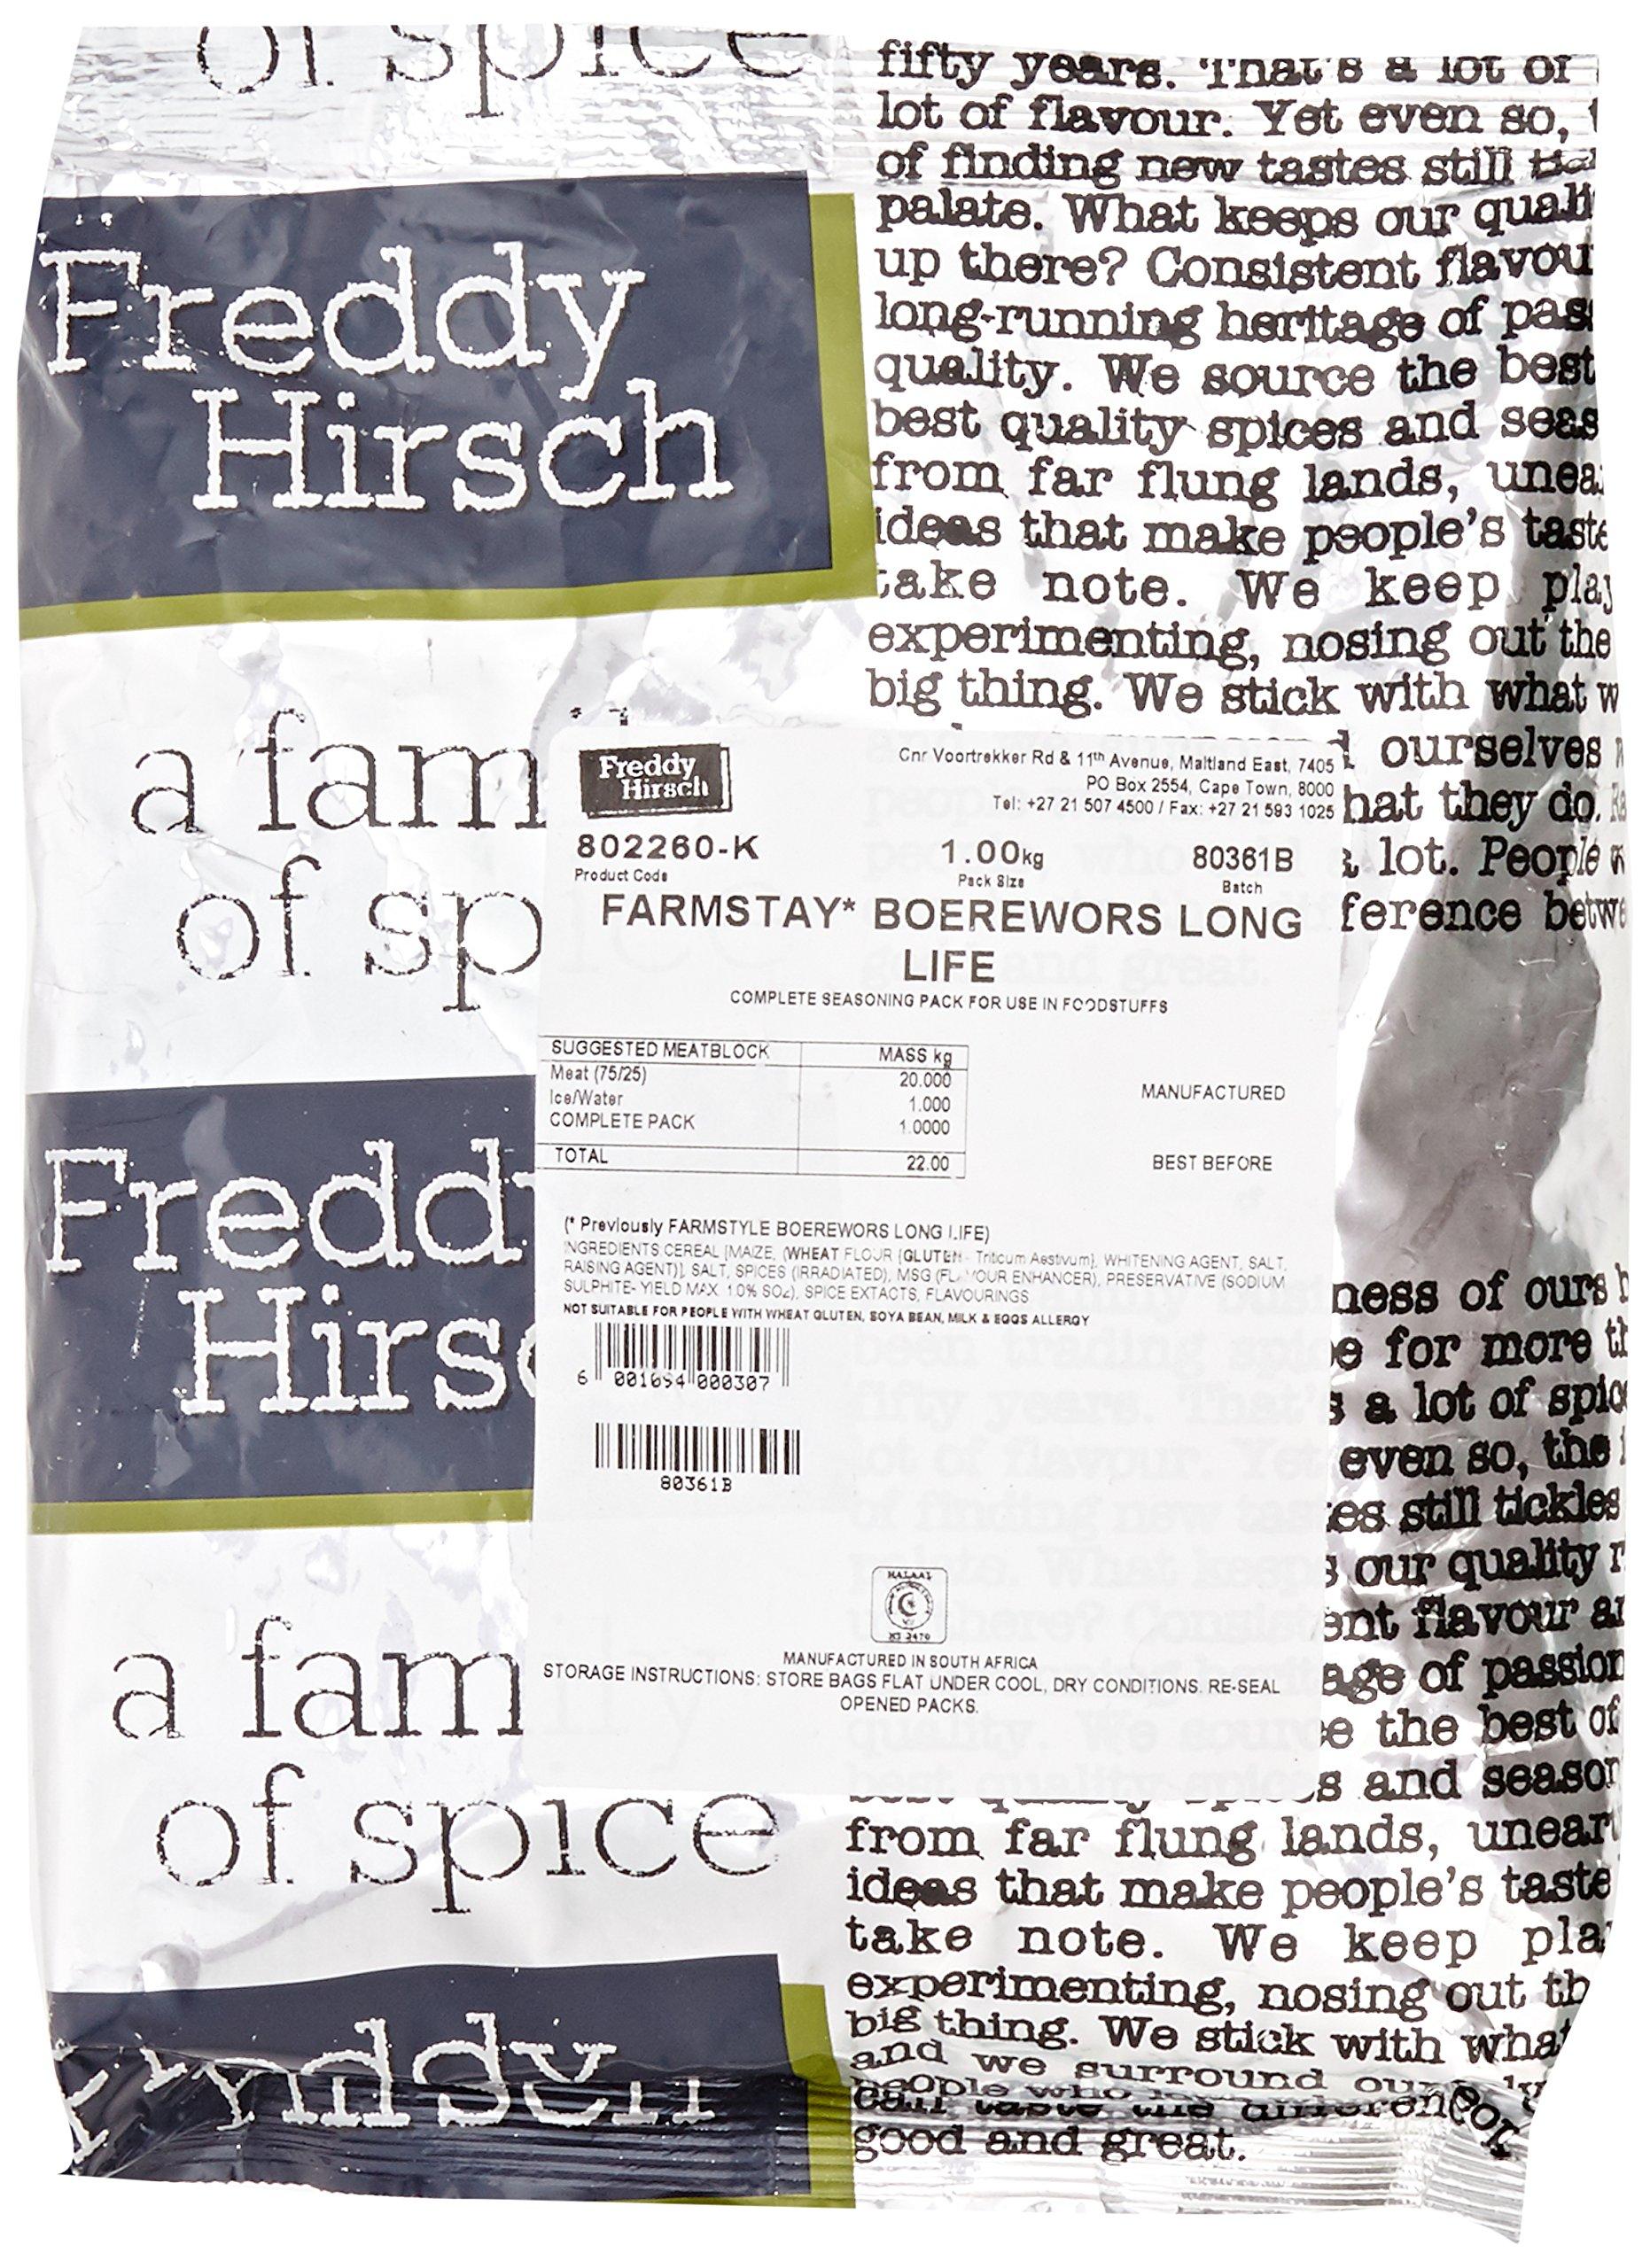 Freddy Hirsch Farmstay Boerewors Long Life Spice 1 kg